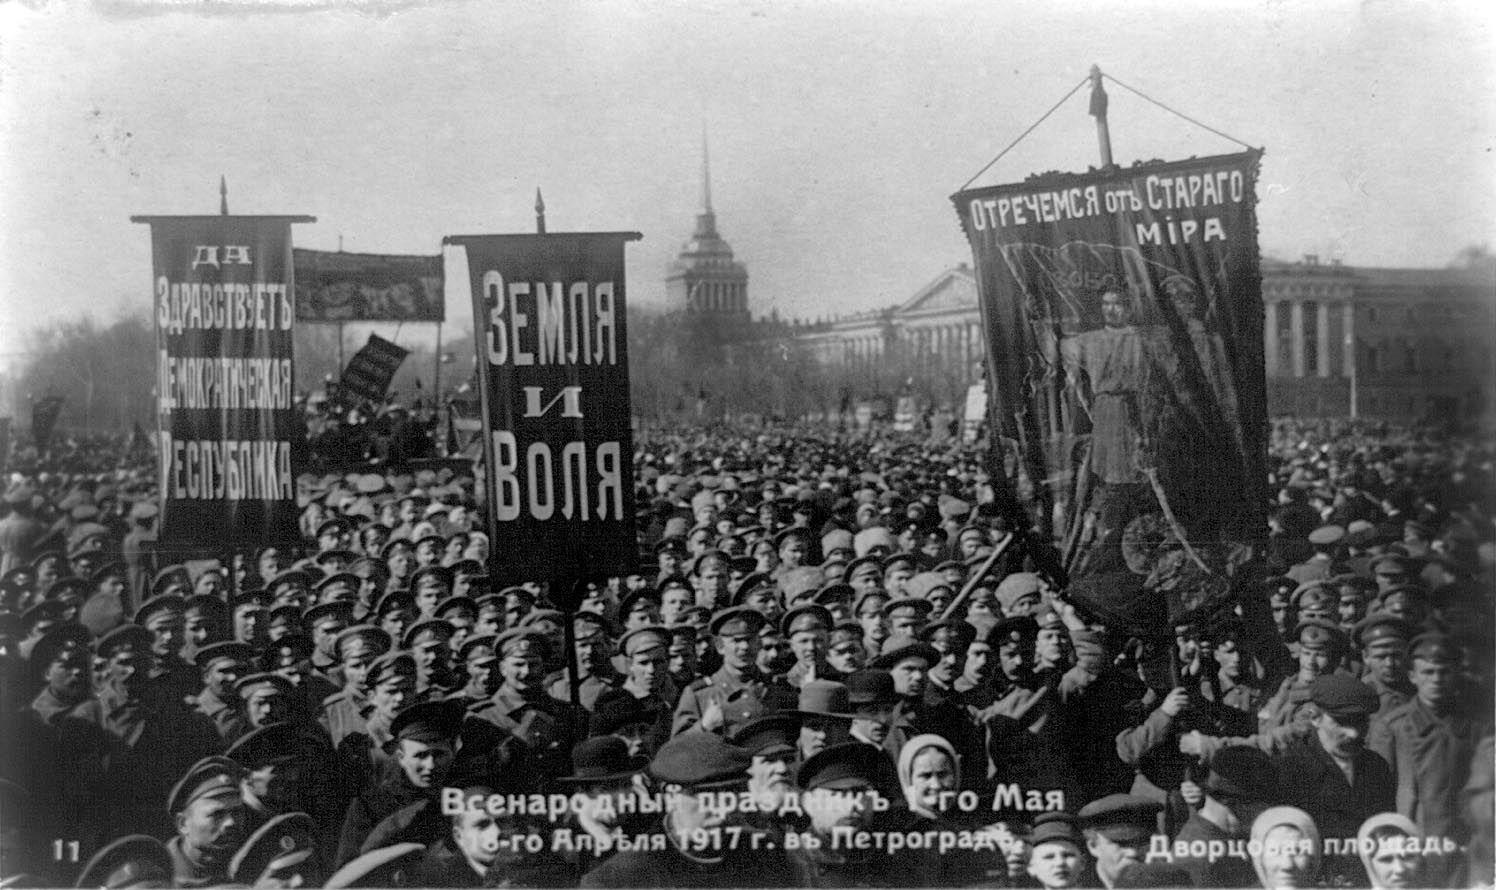 Фото демонстрации 1 мая 1017 года в Петербурге.